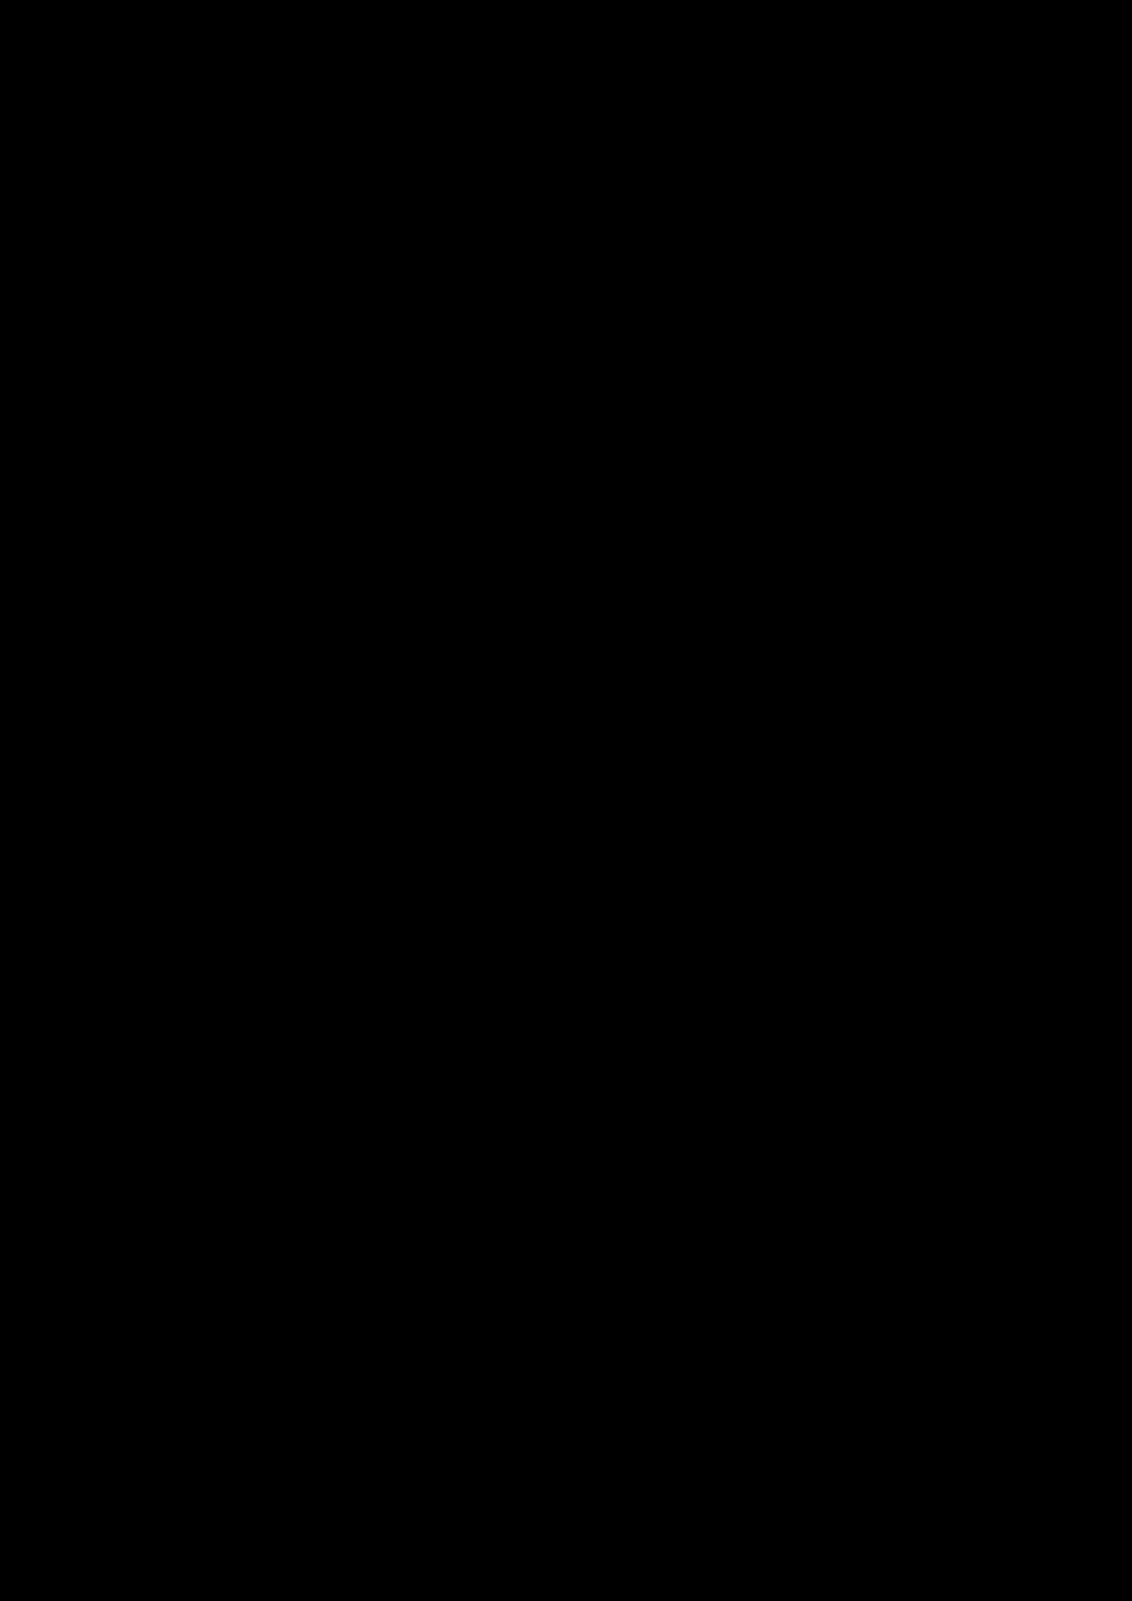 Prolog slide, Image 10